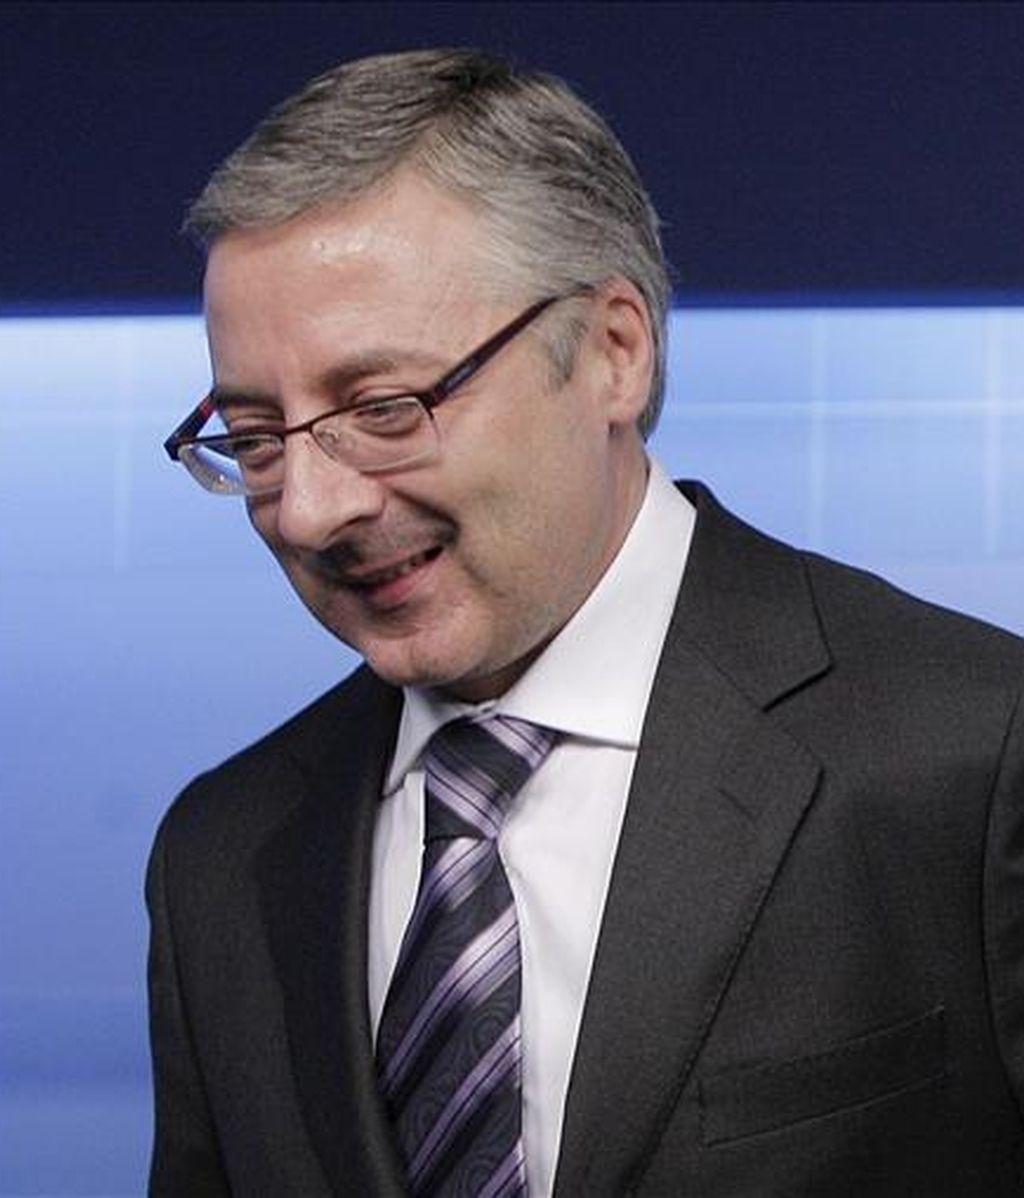 El vicesecretario general del PSOE y ministro de Fomento, José Blanco. EFE/Archivo